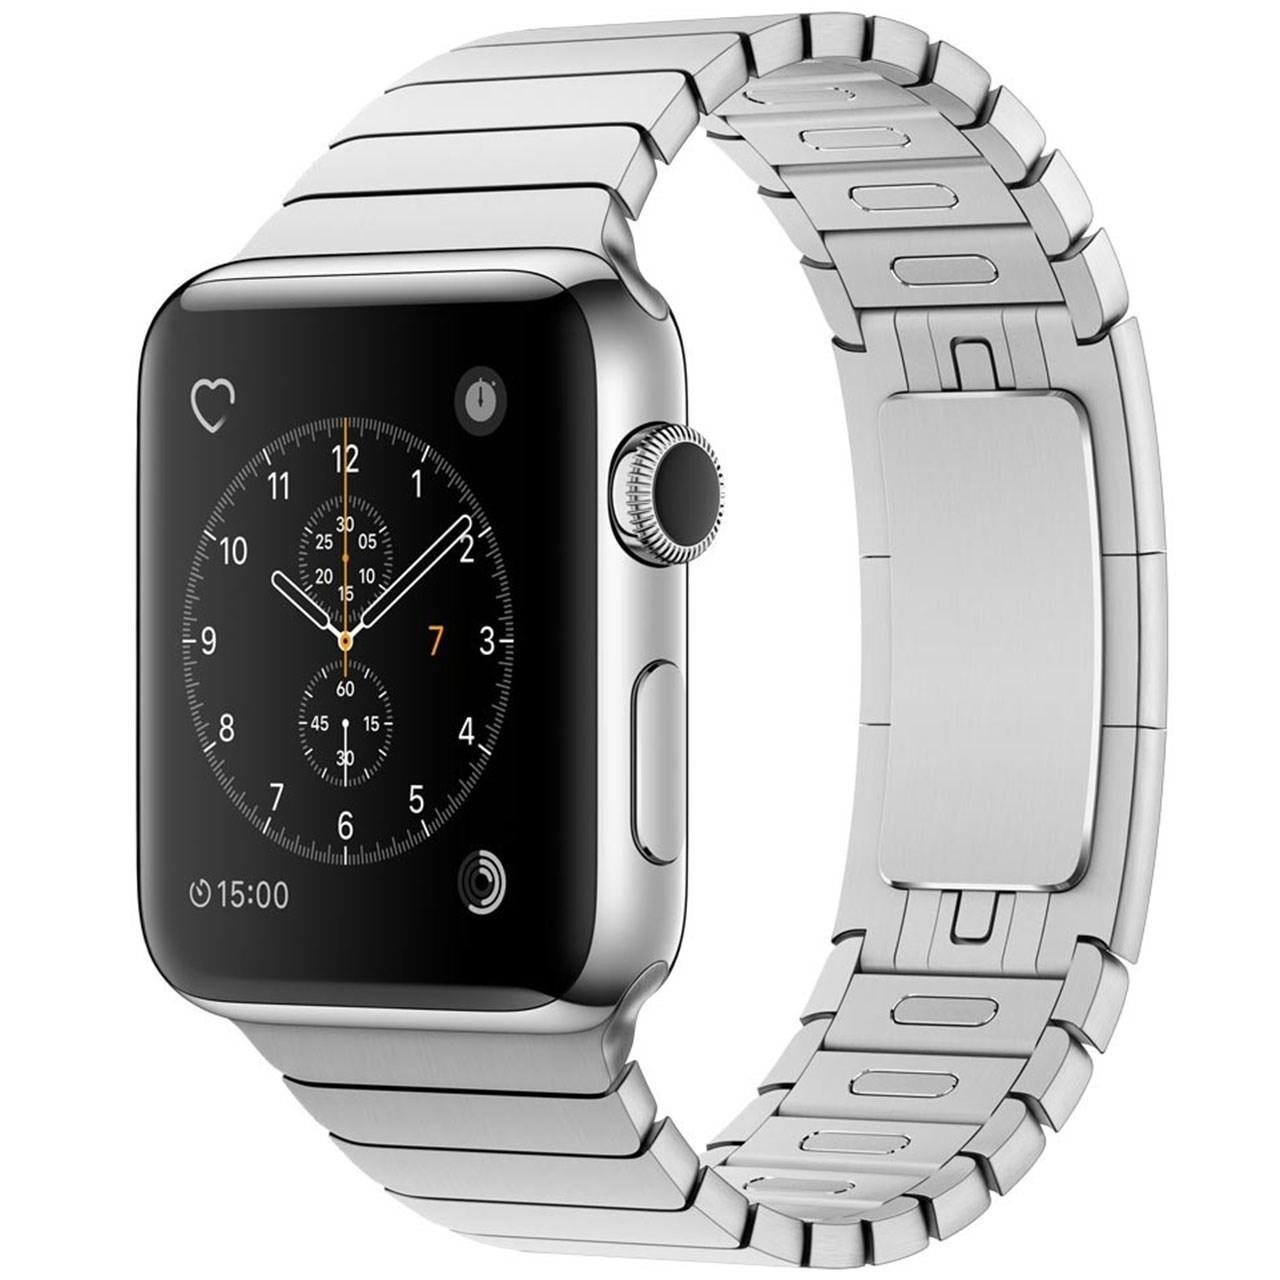 ساعت هوشمند اپل واچ 2 مدل 42mm Stainless Steel Case with Link Bracelet